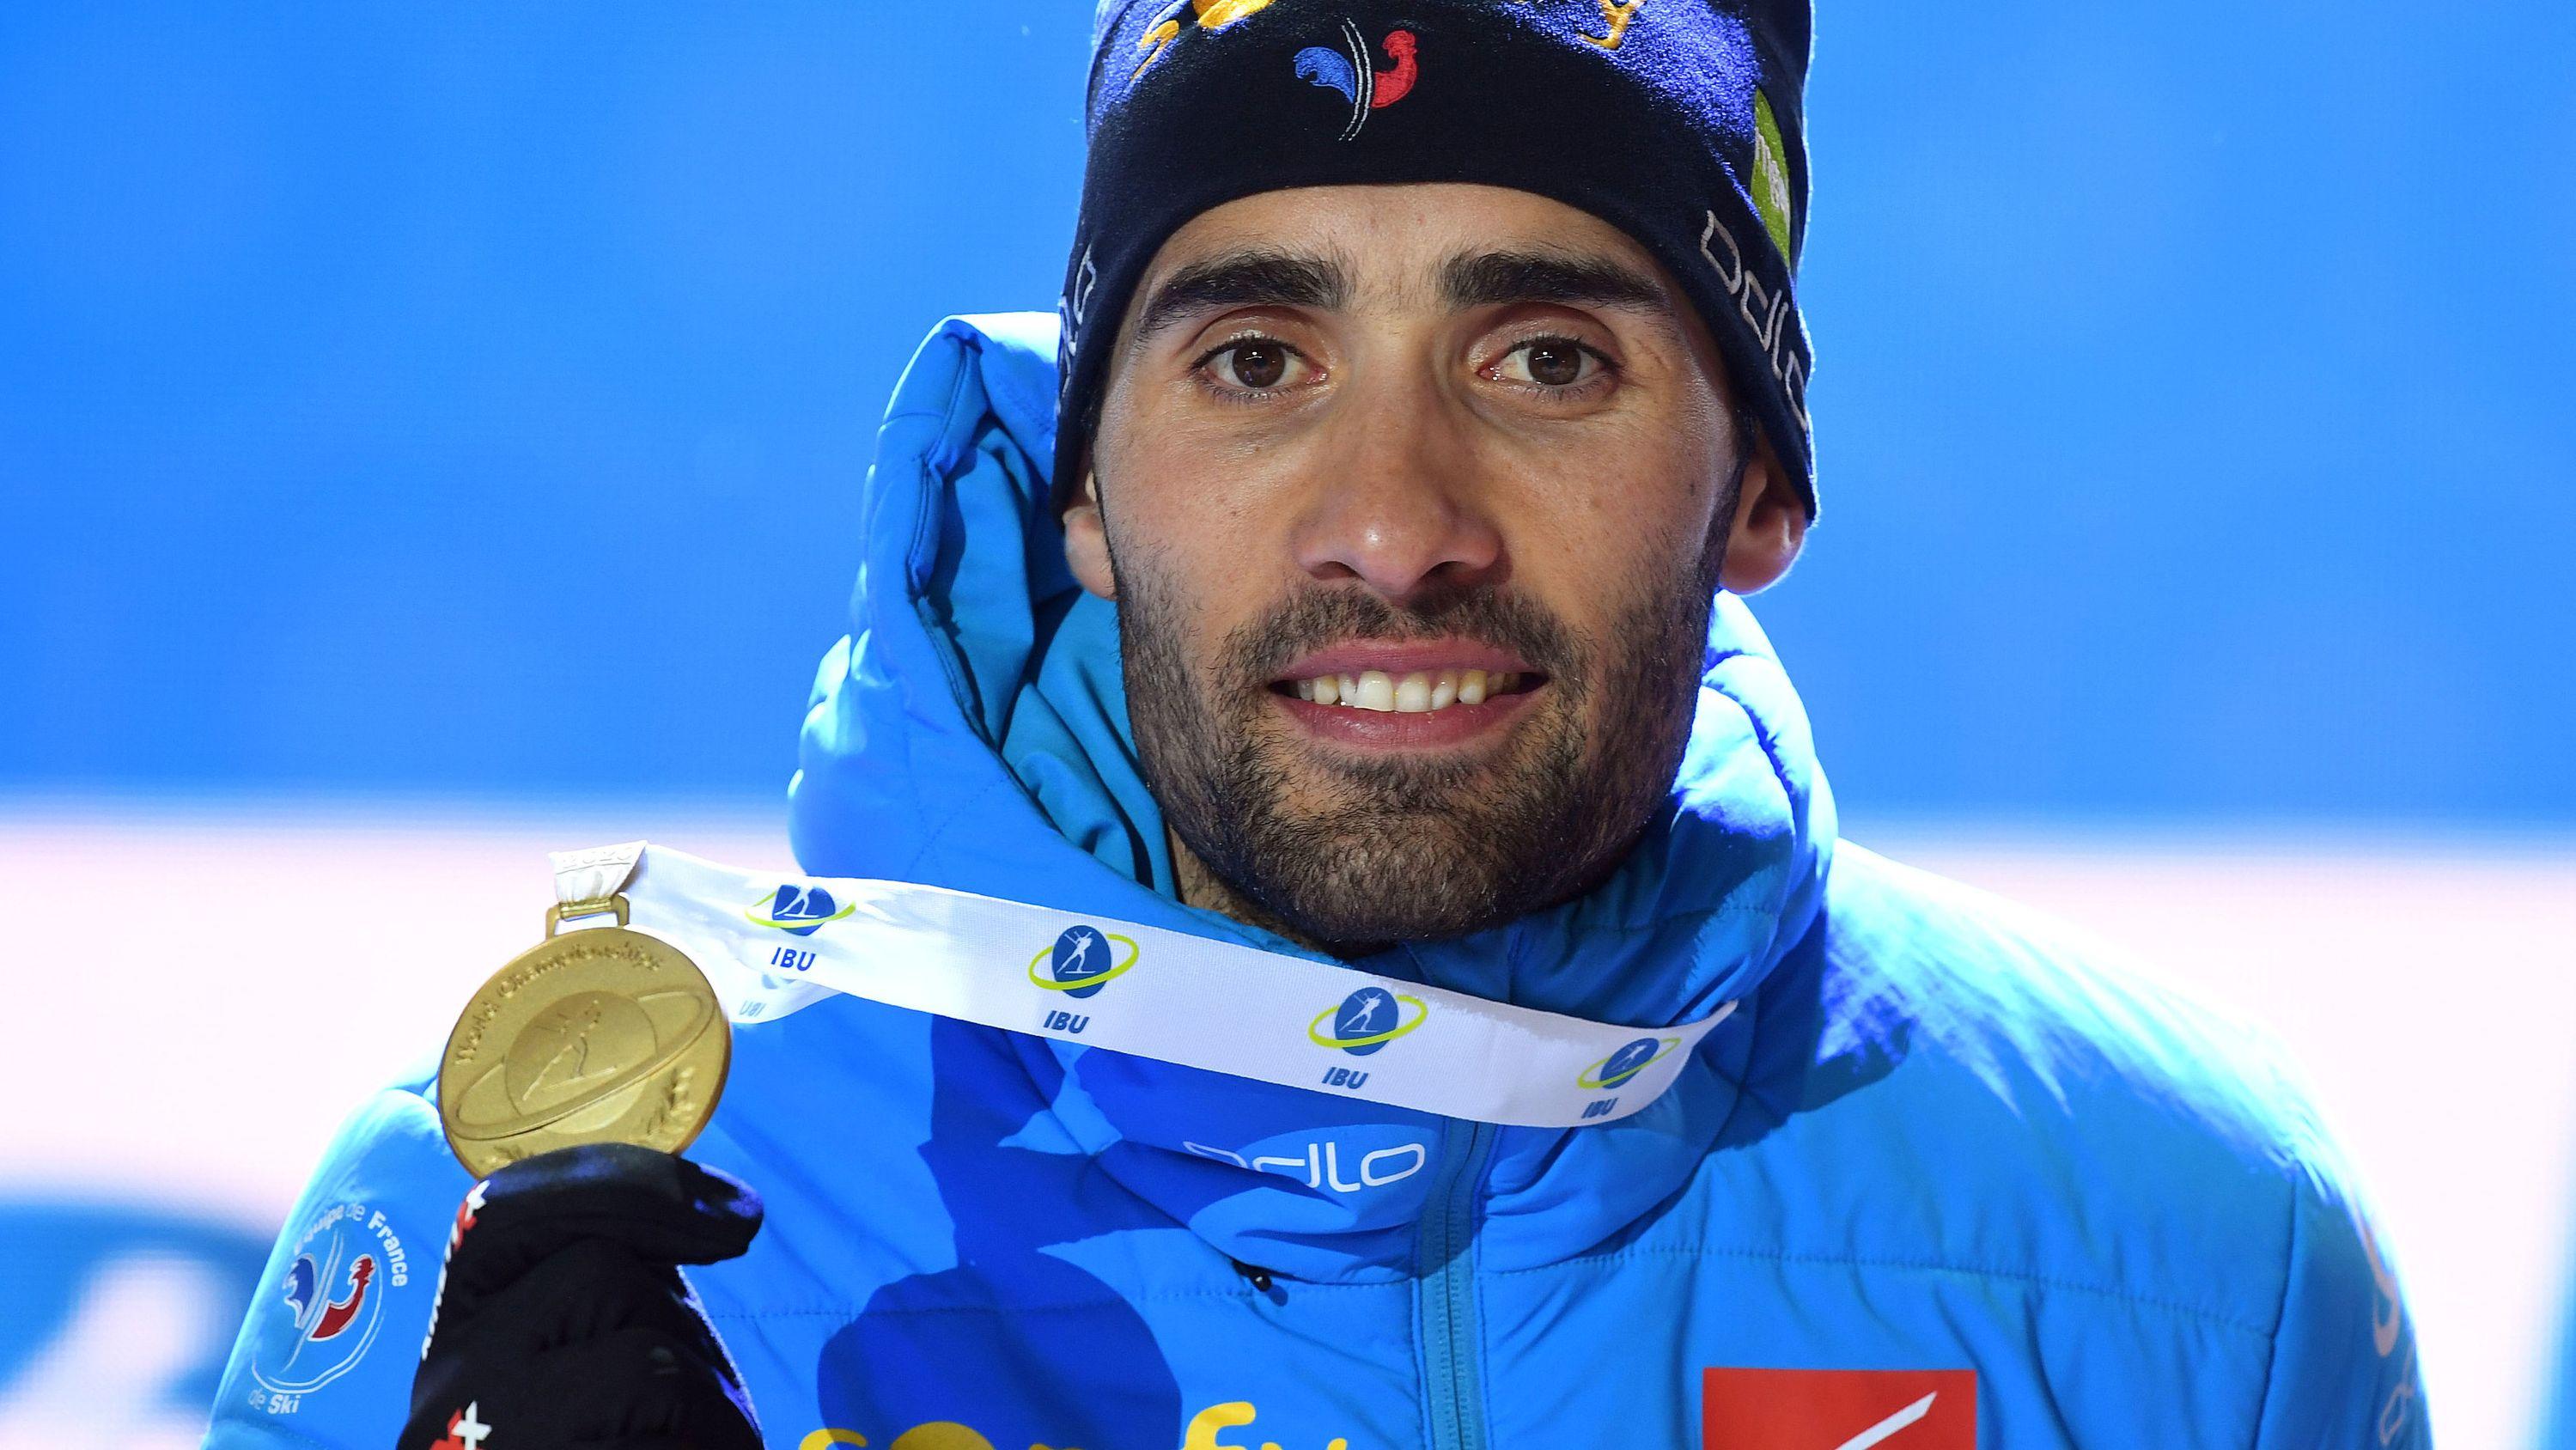 Martin Fourcade mit seiner Goldmedaille